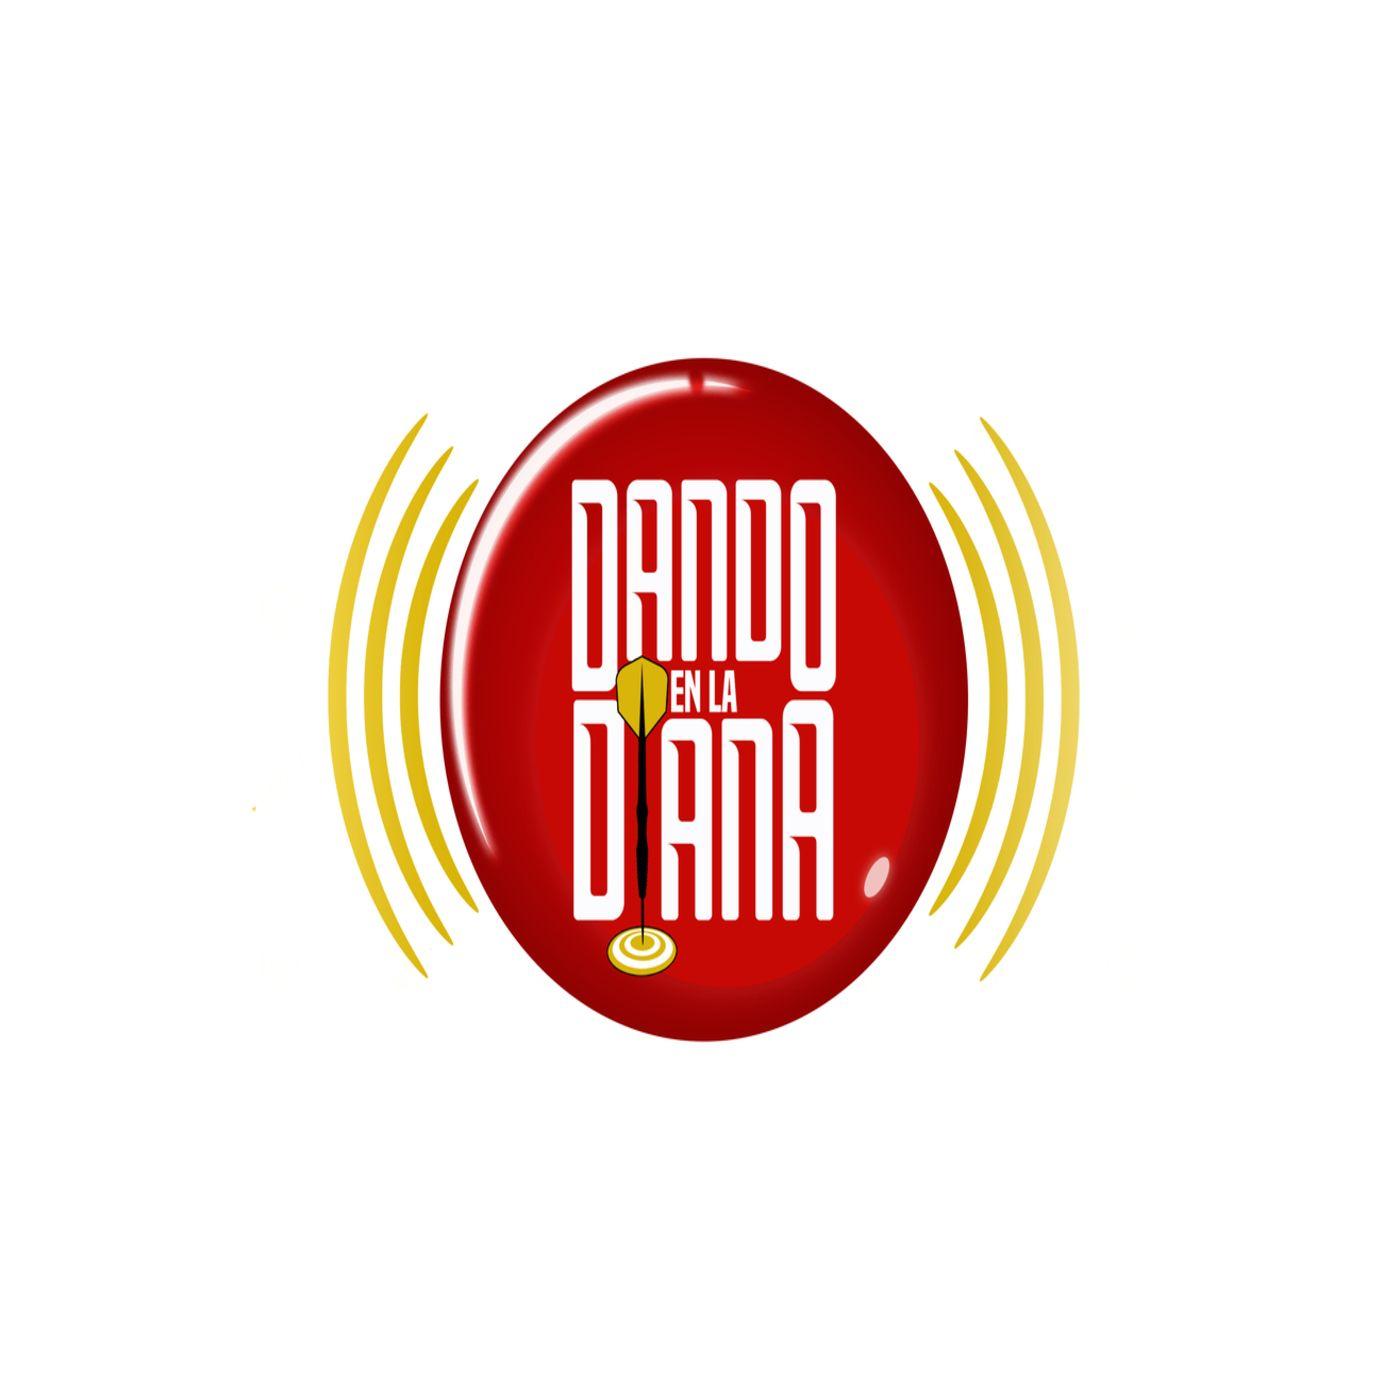 Dando en la Diana - Episodio 76 - 14 Diciembre 2020 - Mabel López / José Ángel Morván